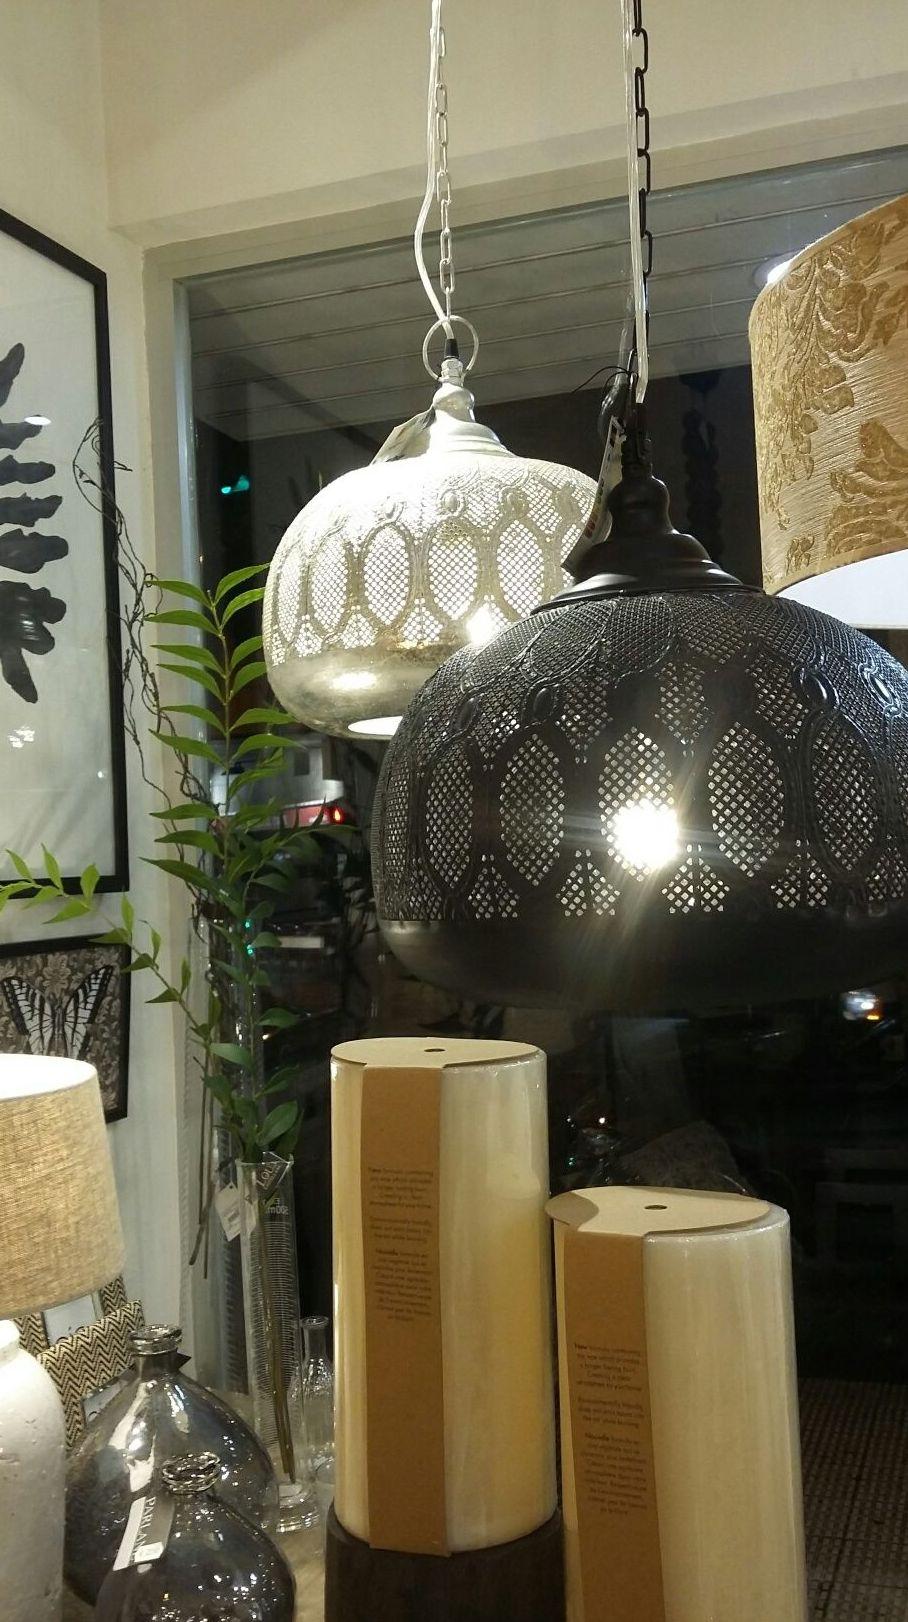 Foto 23 de Muebles y decoración en Zaragoza | S de Susana Decoración